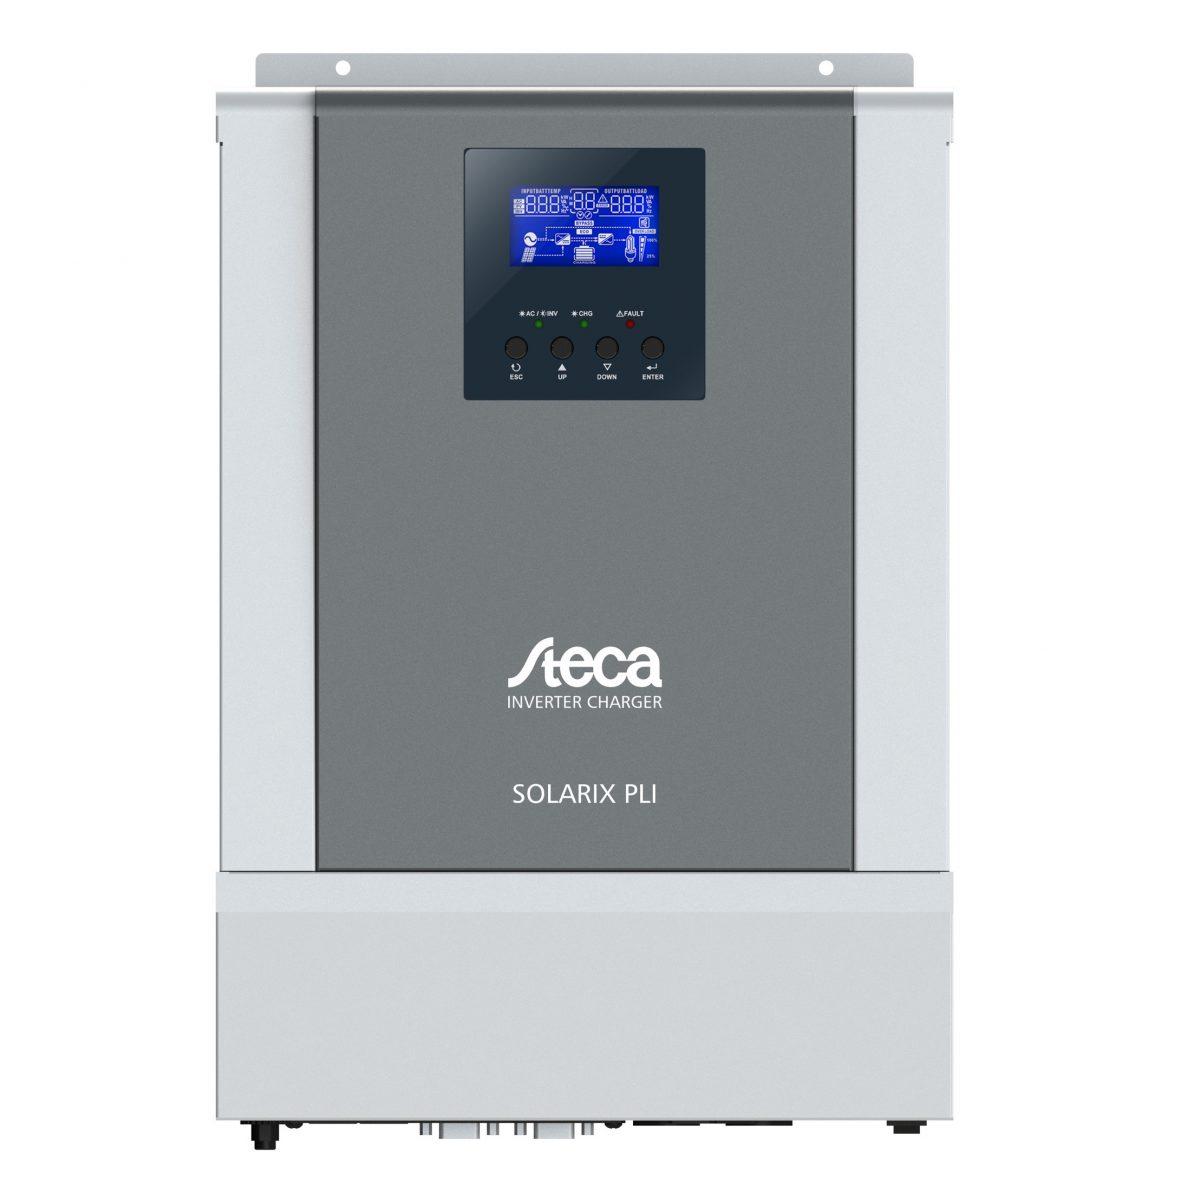 Régulateur de charge Steca Solarix PLI 2400-24